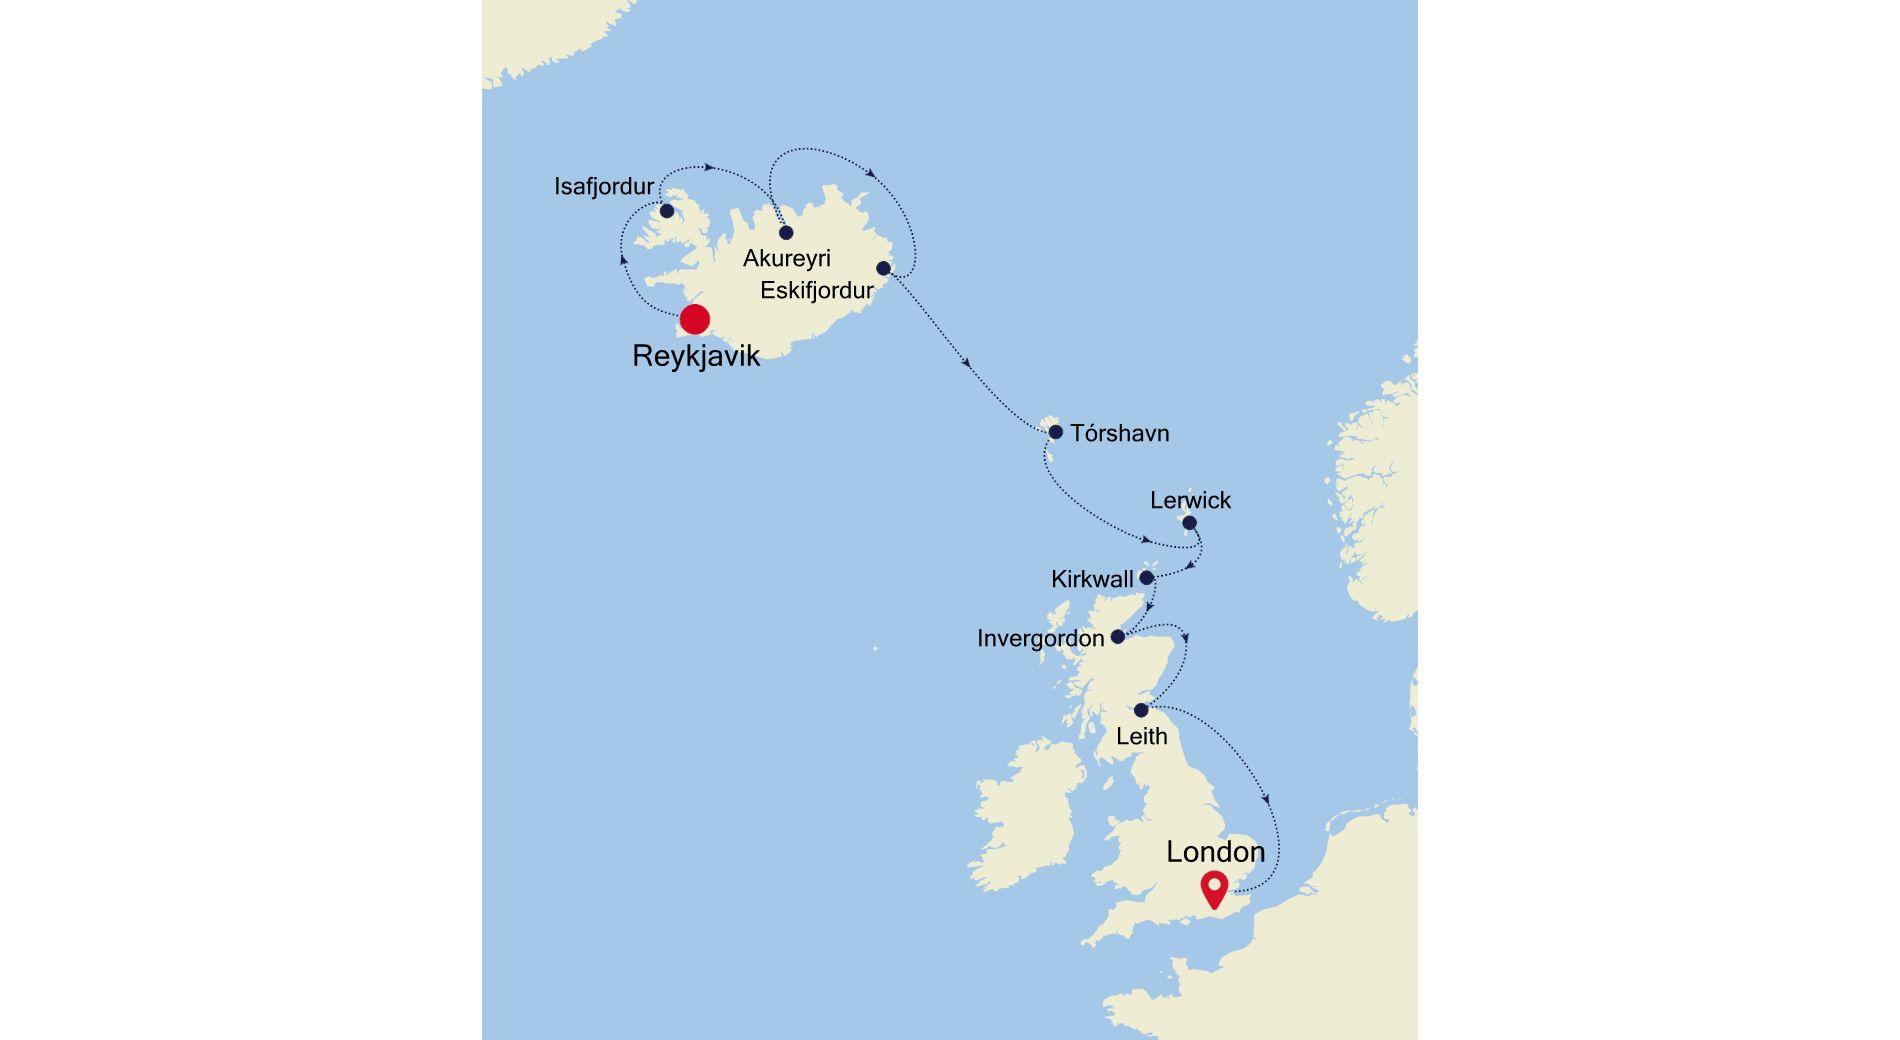 SW200708012 - Reykjavik nach London